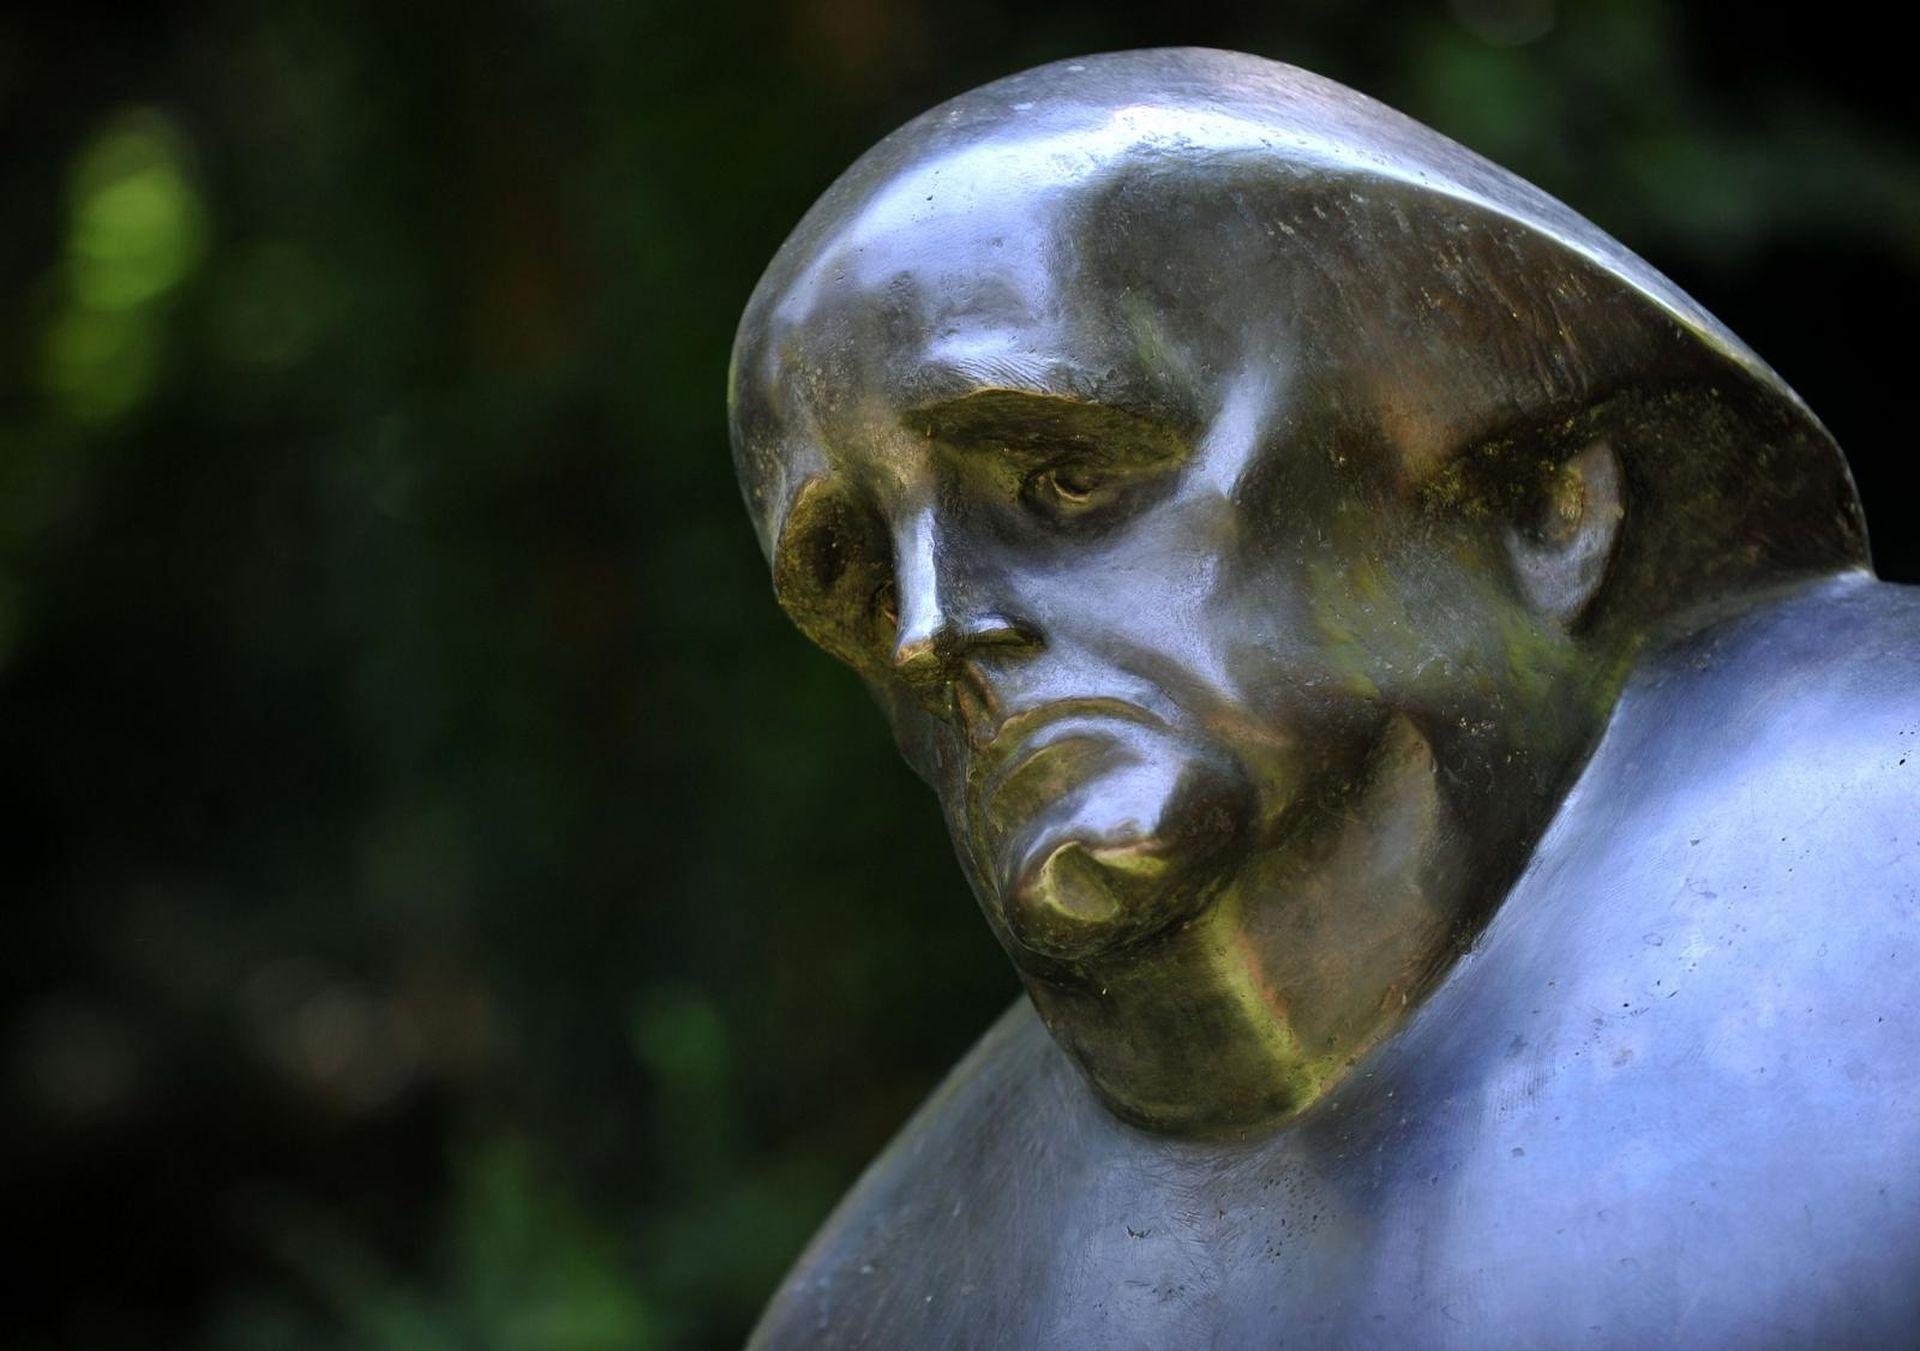 FELJTON: KRLEŽA I MAĐARI: Veliki pisac podržavao je ideje Bele Kuna